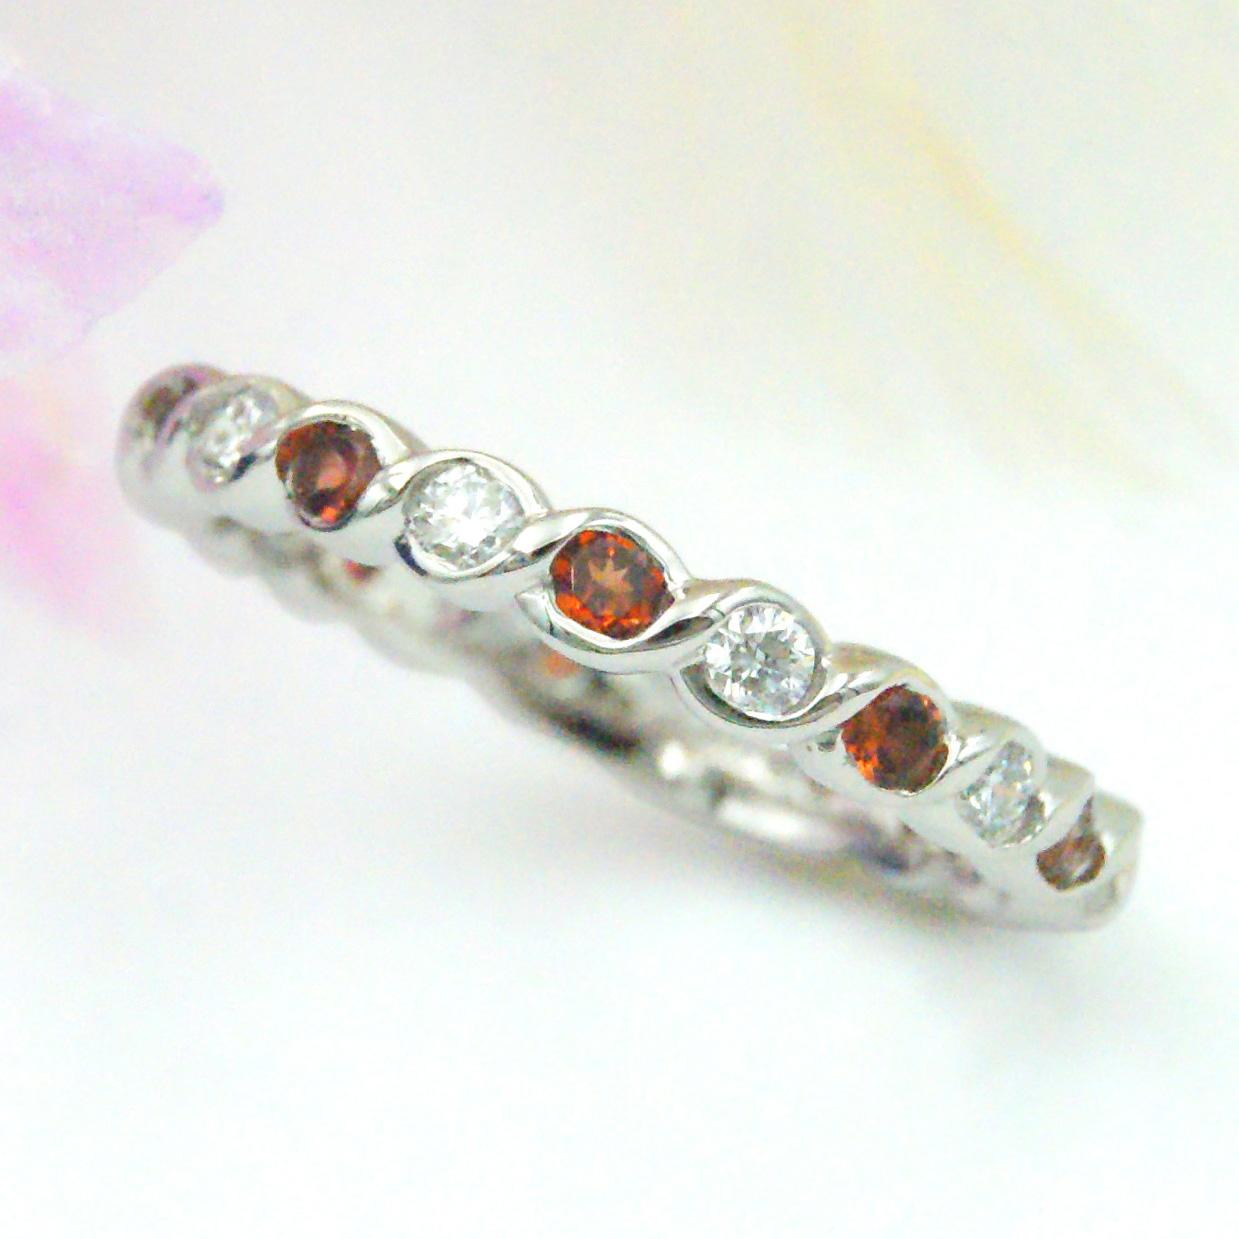 ダイヤモンドとガーネットのエタニティリング婚約指輪/kazariyaYui福島県郡山市